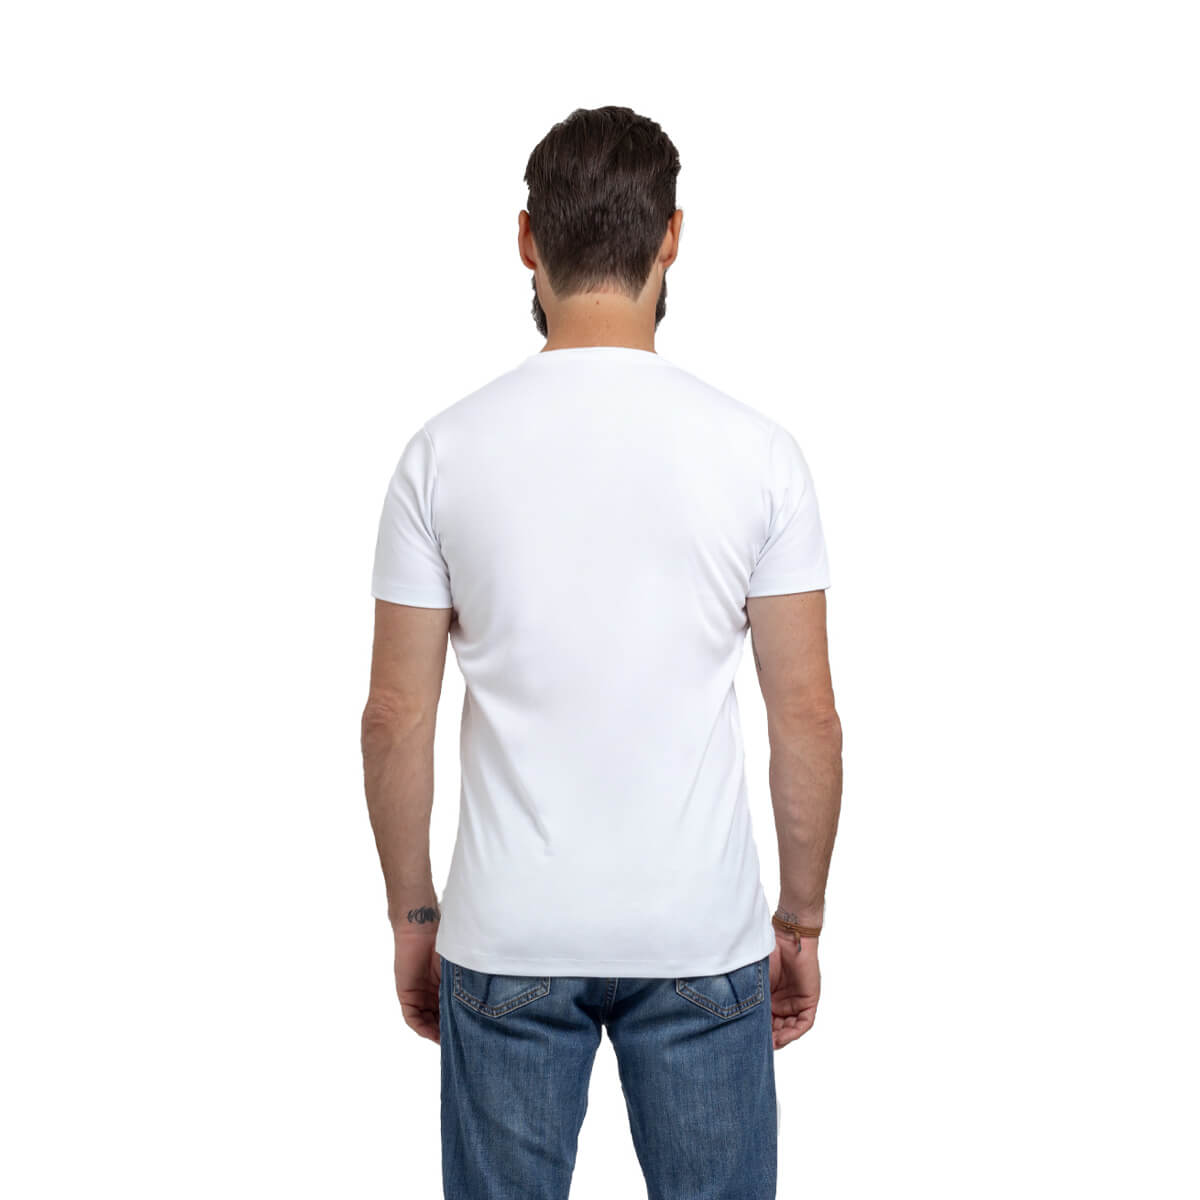 Franela esencial cuello redondo blanco hombre espalda